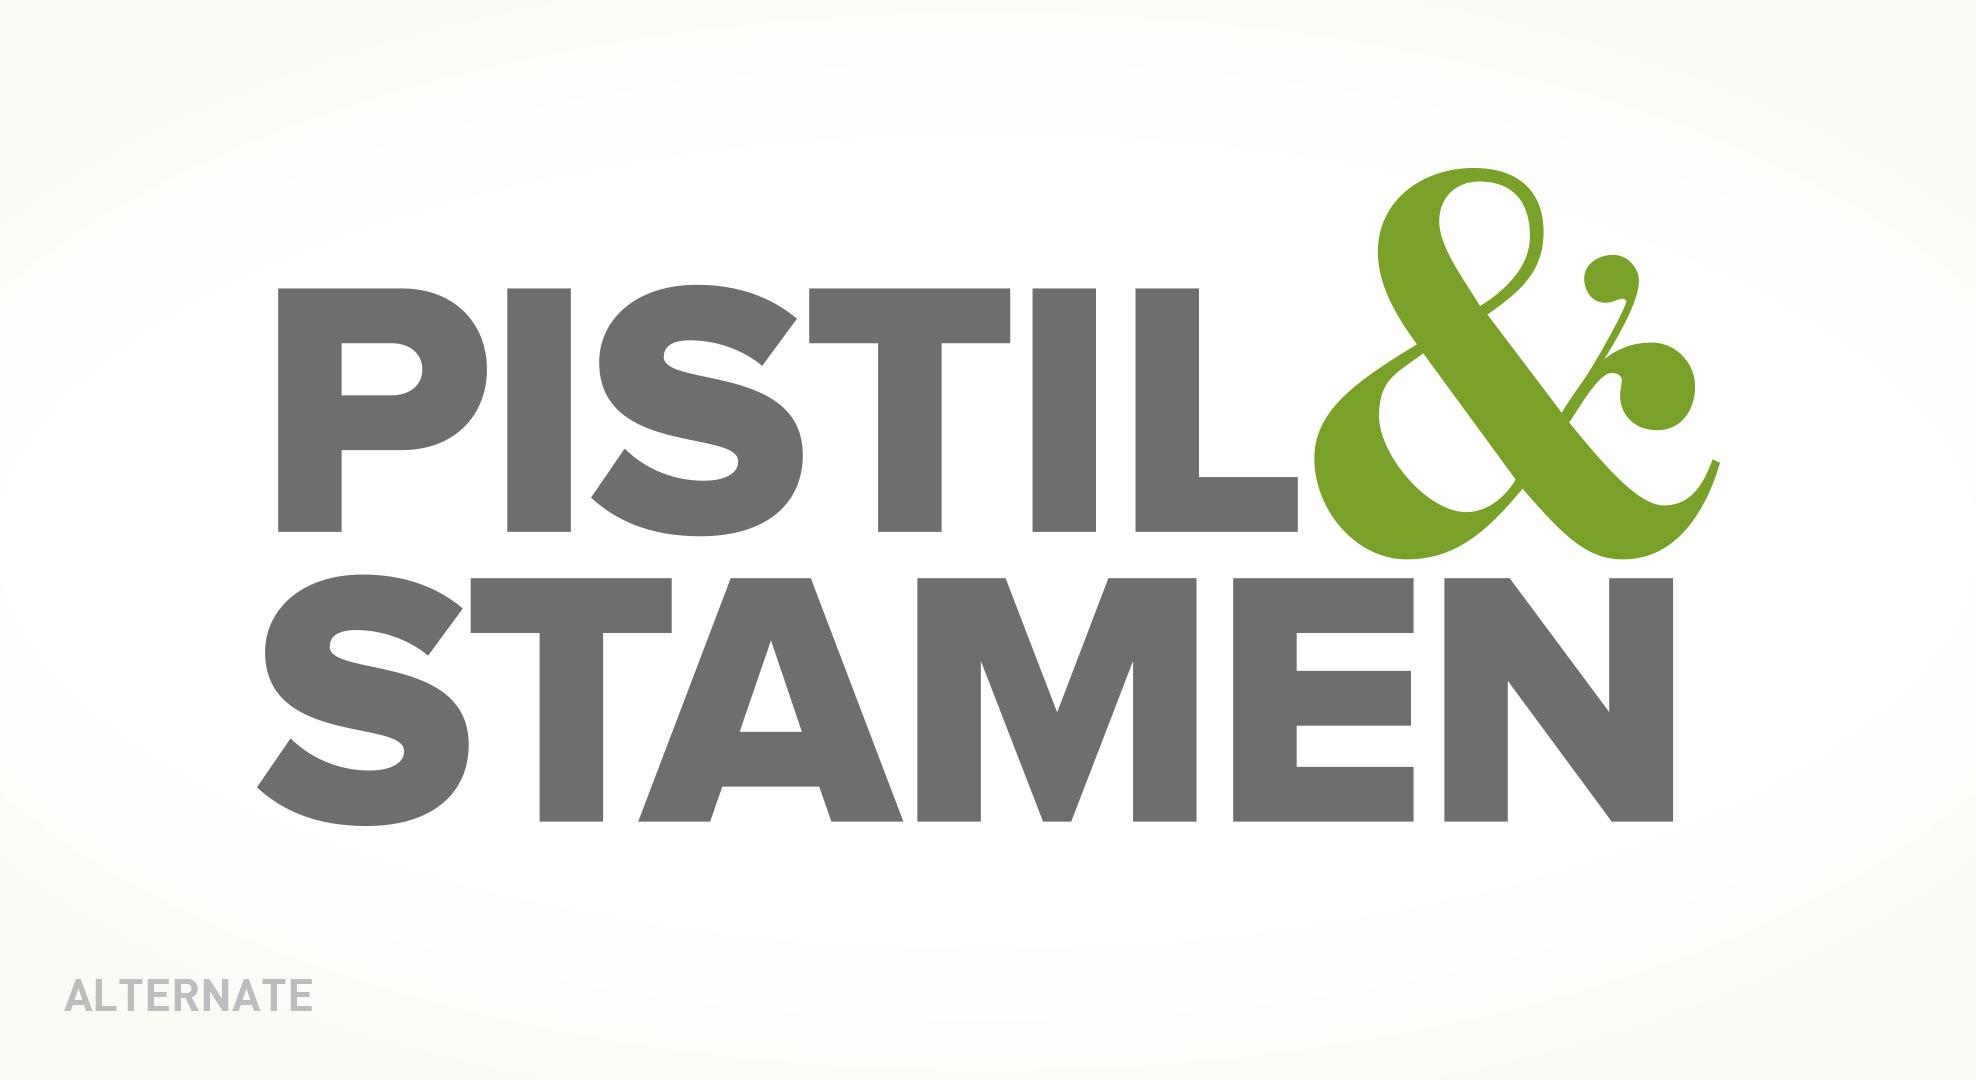 Pistil & Stamen